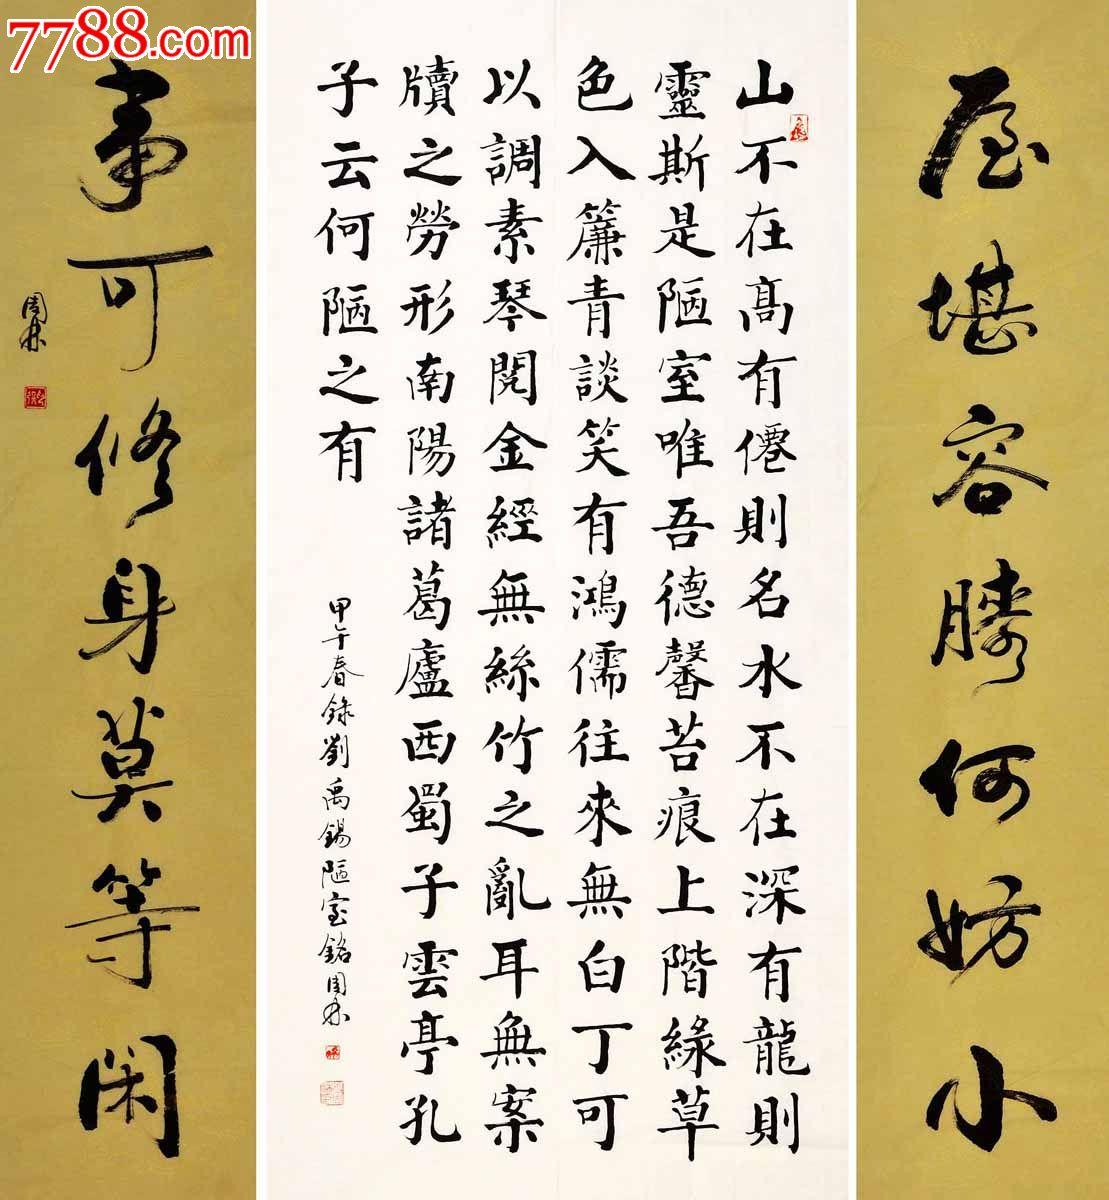 中堂和对联的字体写的都好啊,是劝人向善的,为人图片